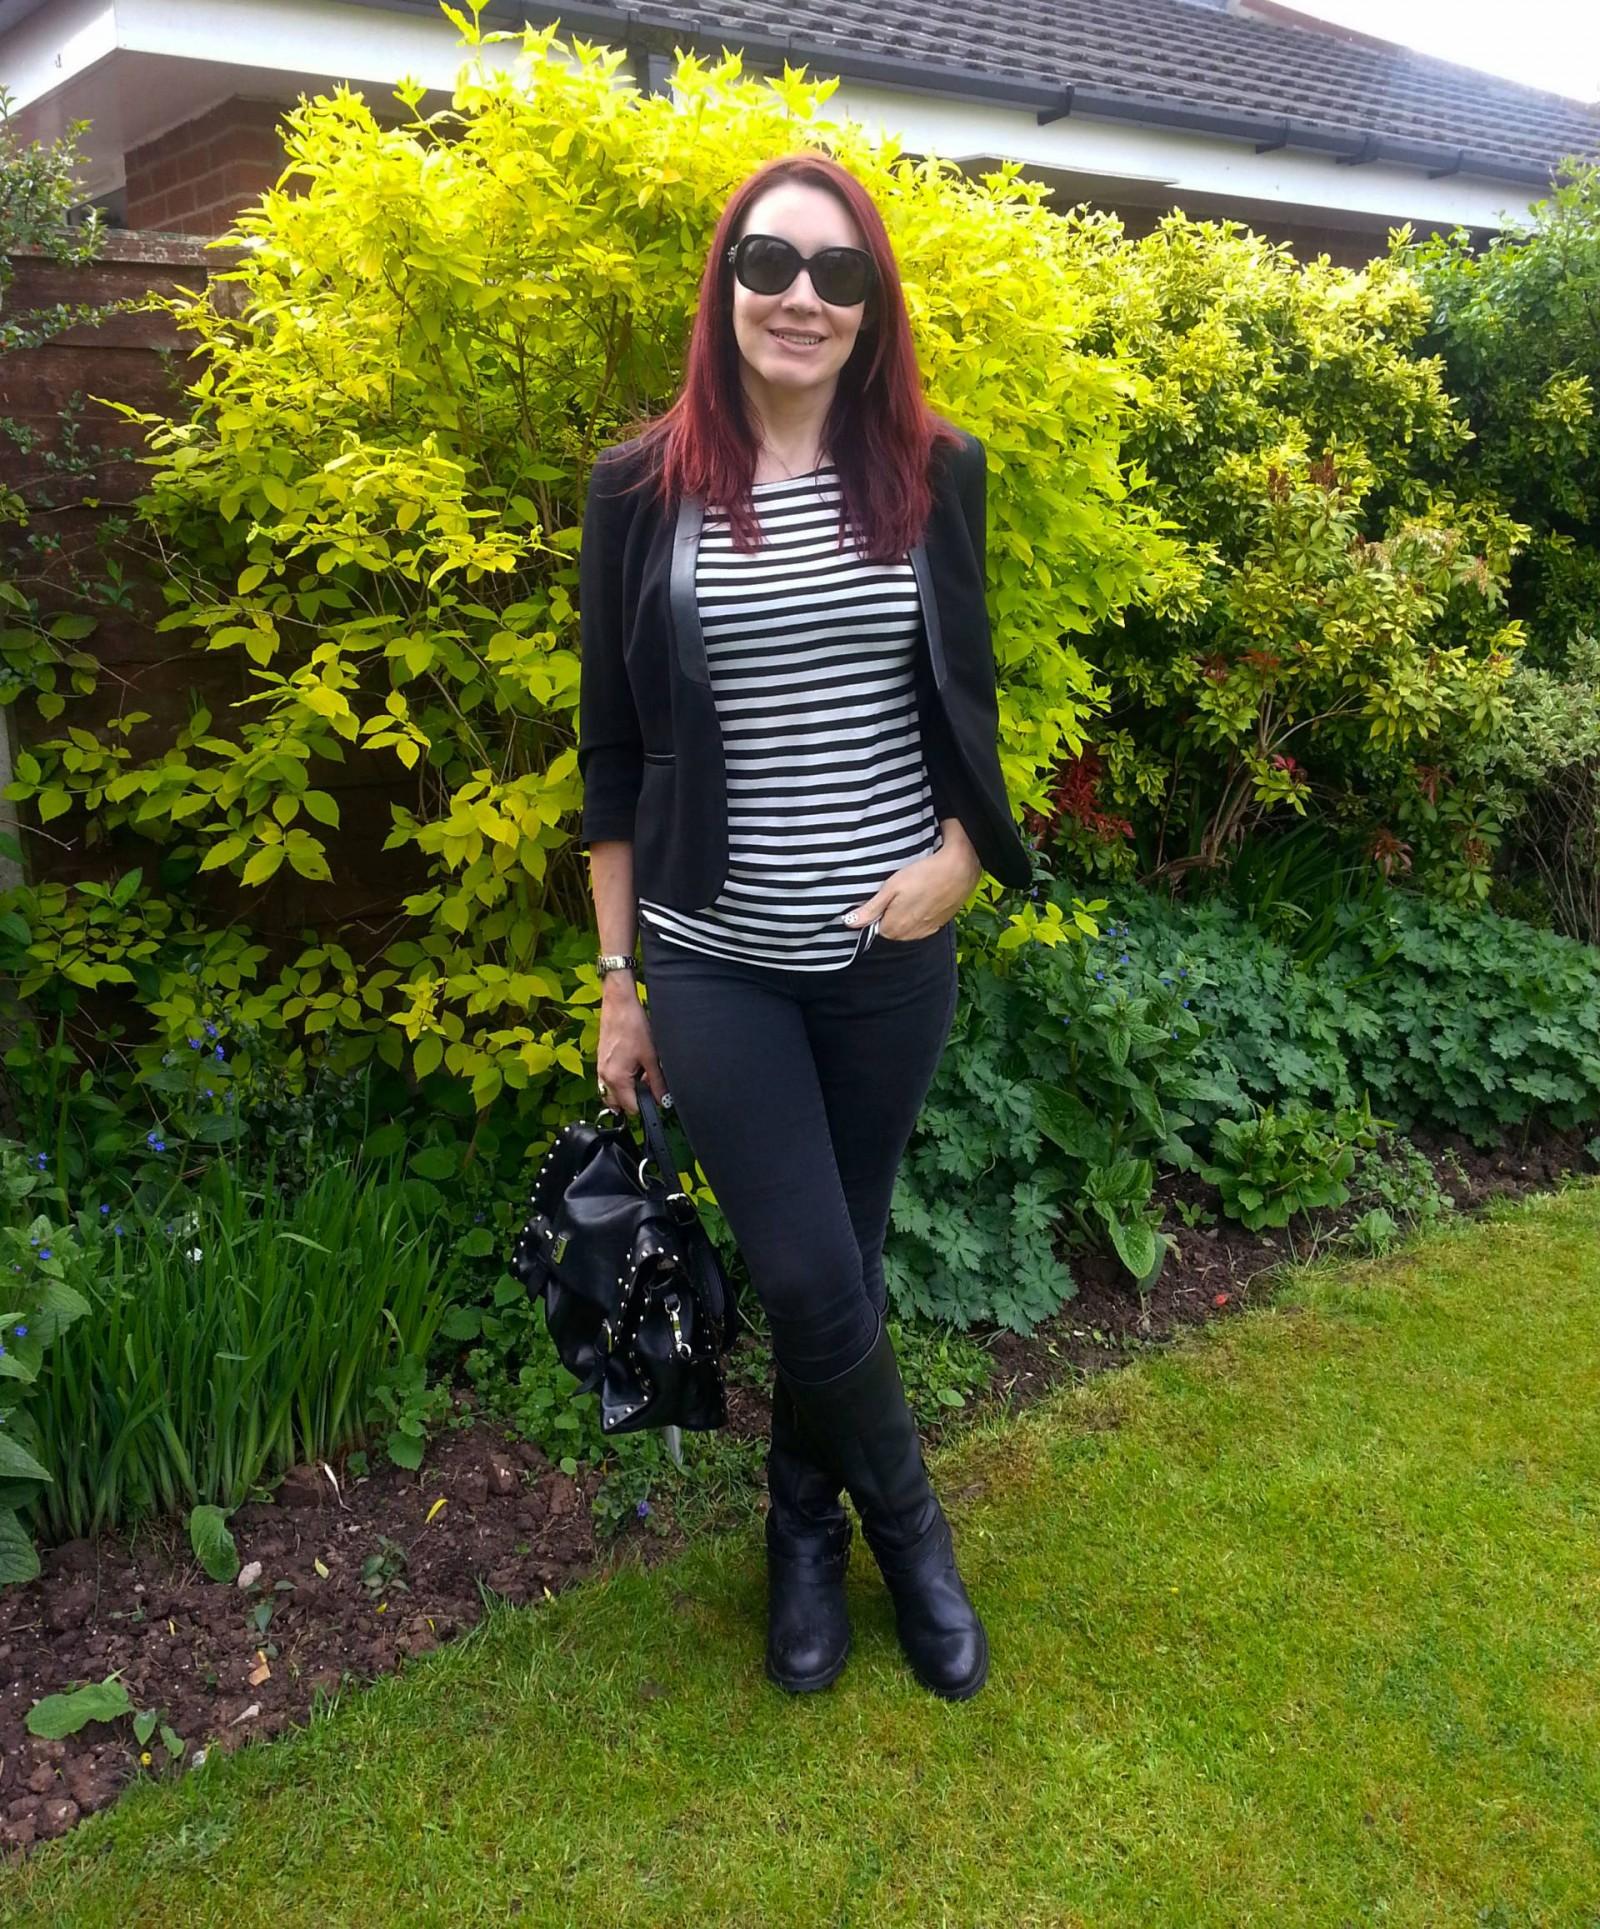 Black and white Breton stripe top Gap skinny jeans Modalu black leather satchel